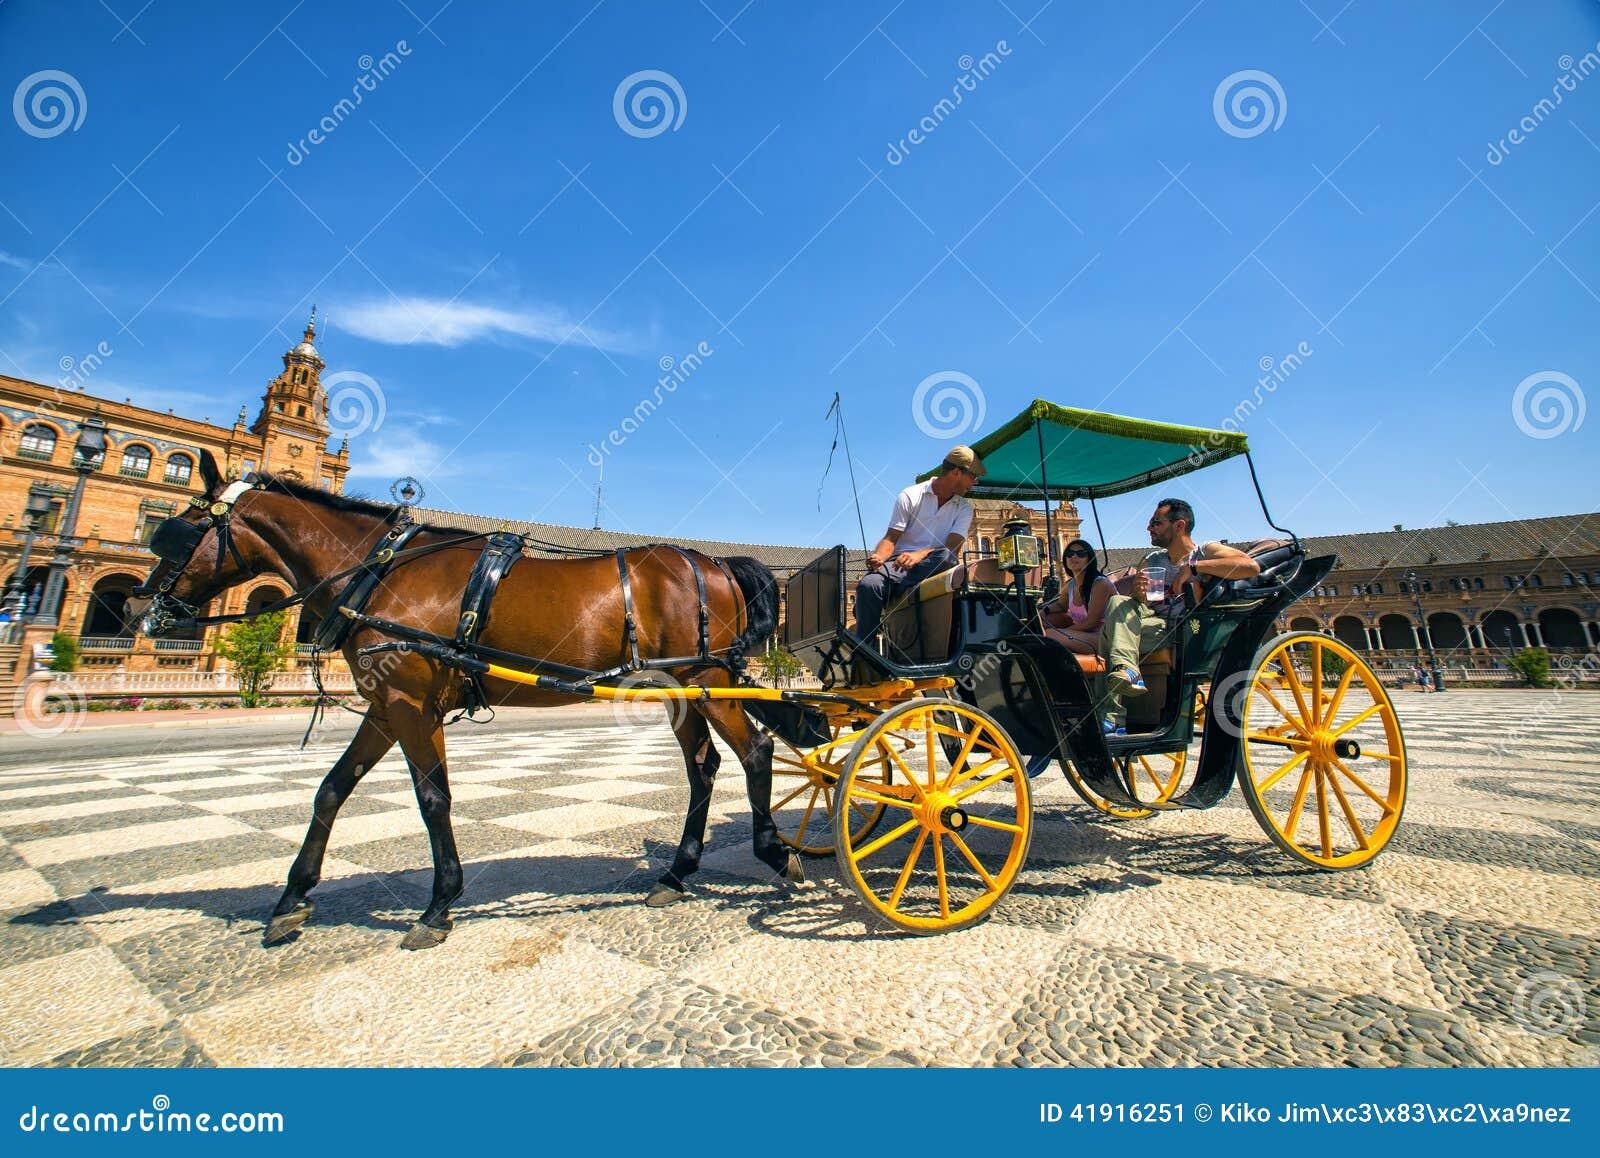 Turistas del carro del caballo que dan un paseo a través de la plaza de España en Sevilla